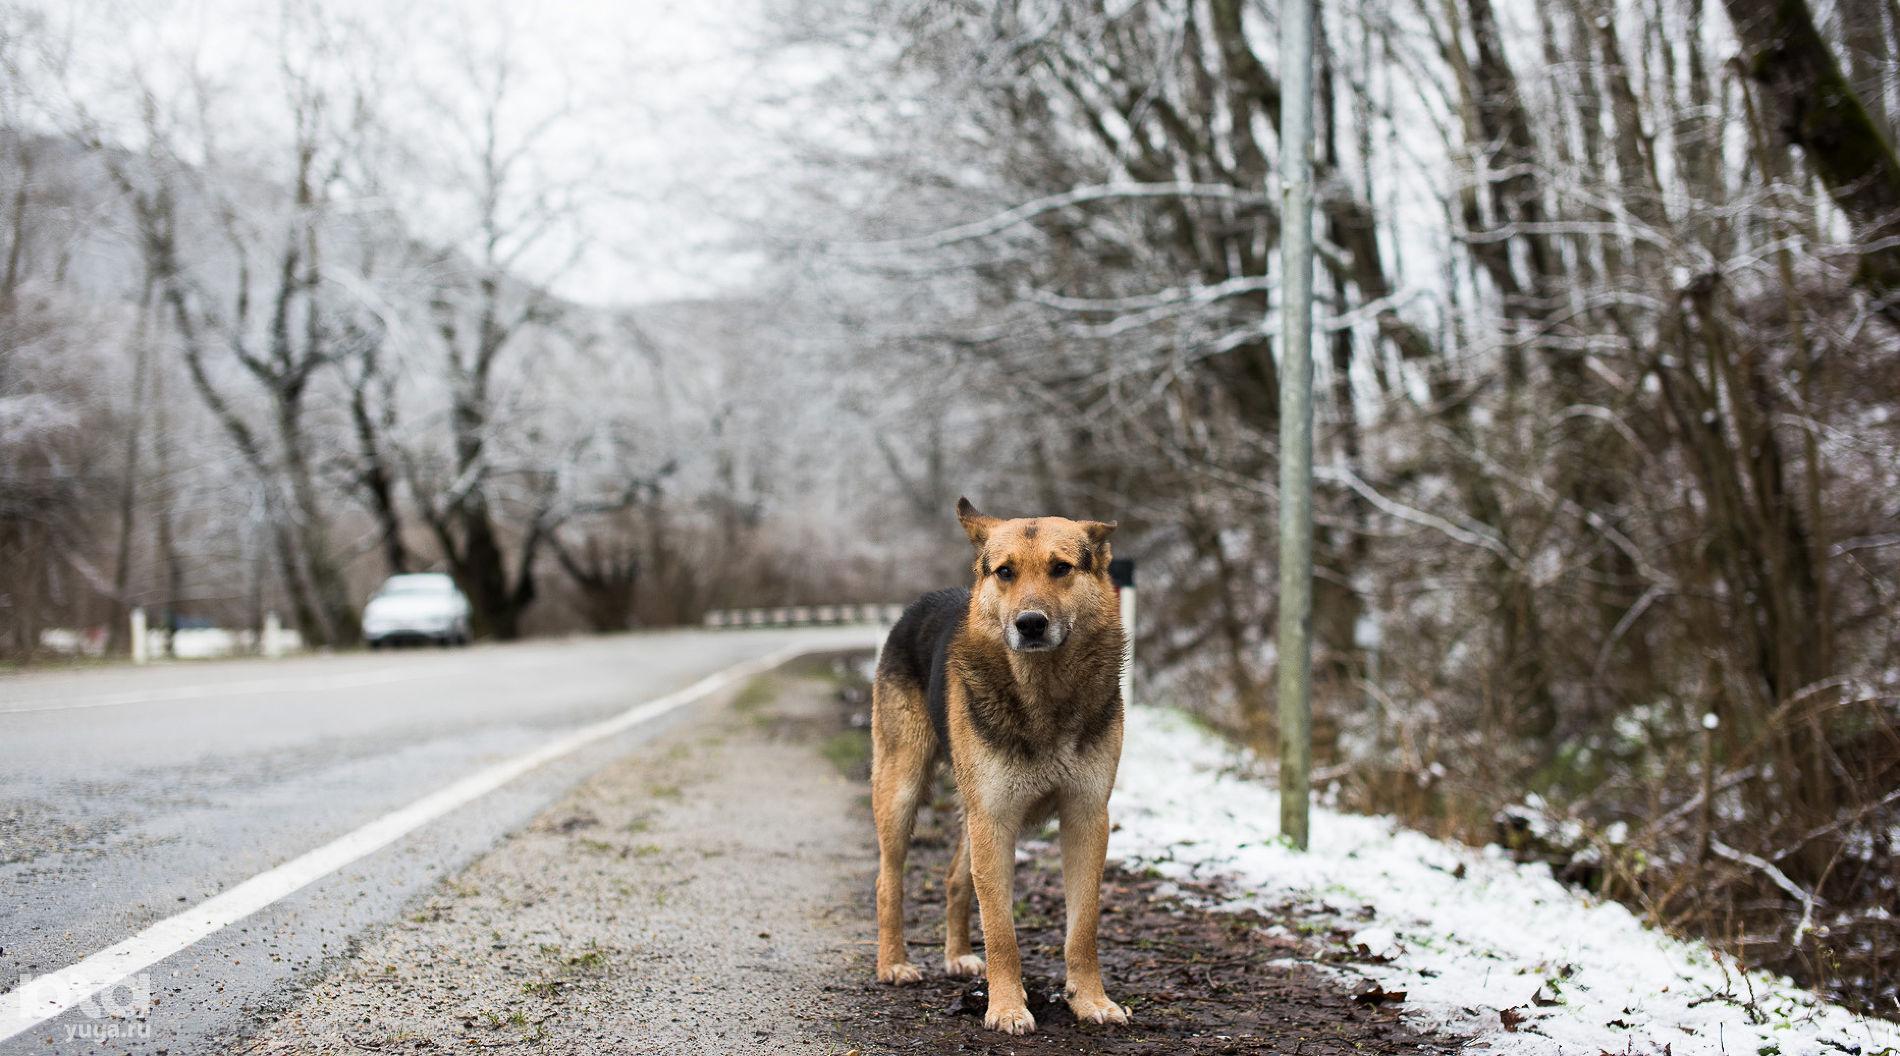 При случае, подкармливайте местных жителей. Они будут очень благодарны ©Фото Елены Синеок, Юга.ру